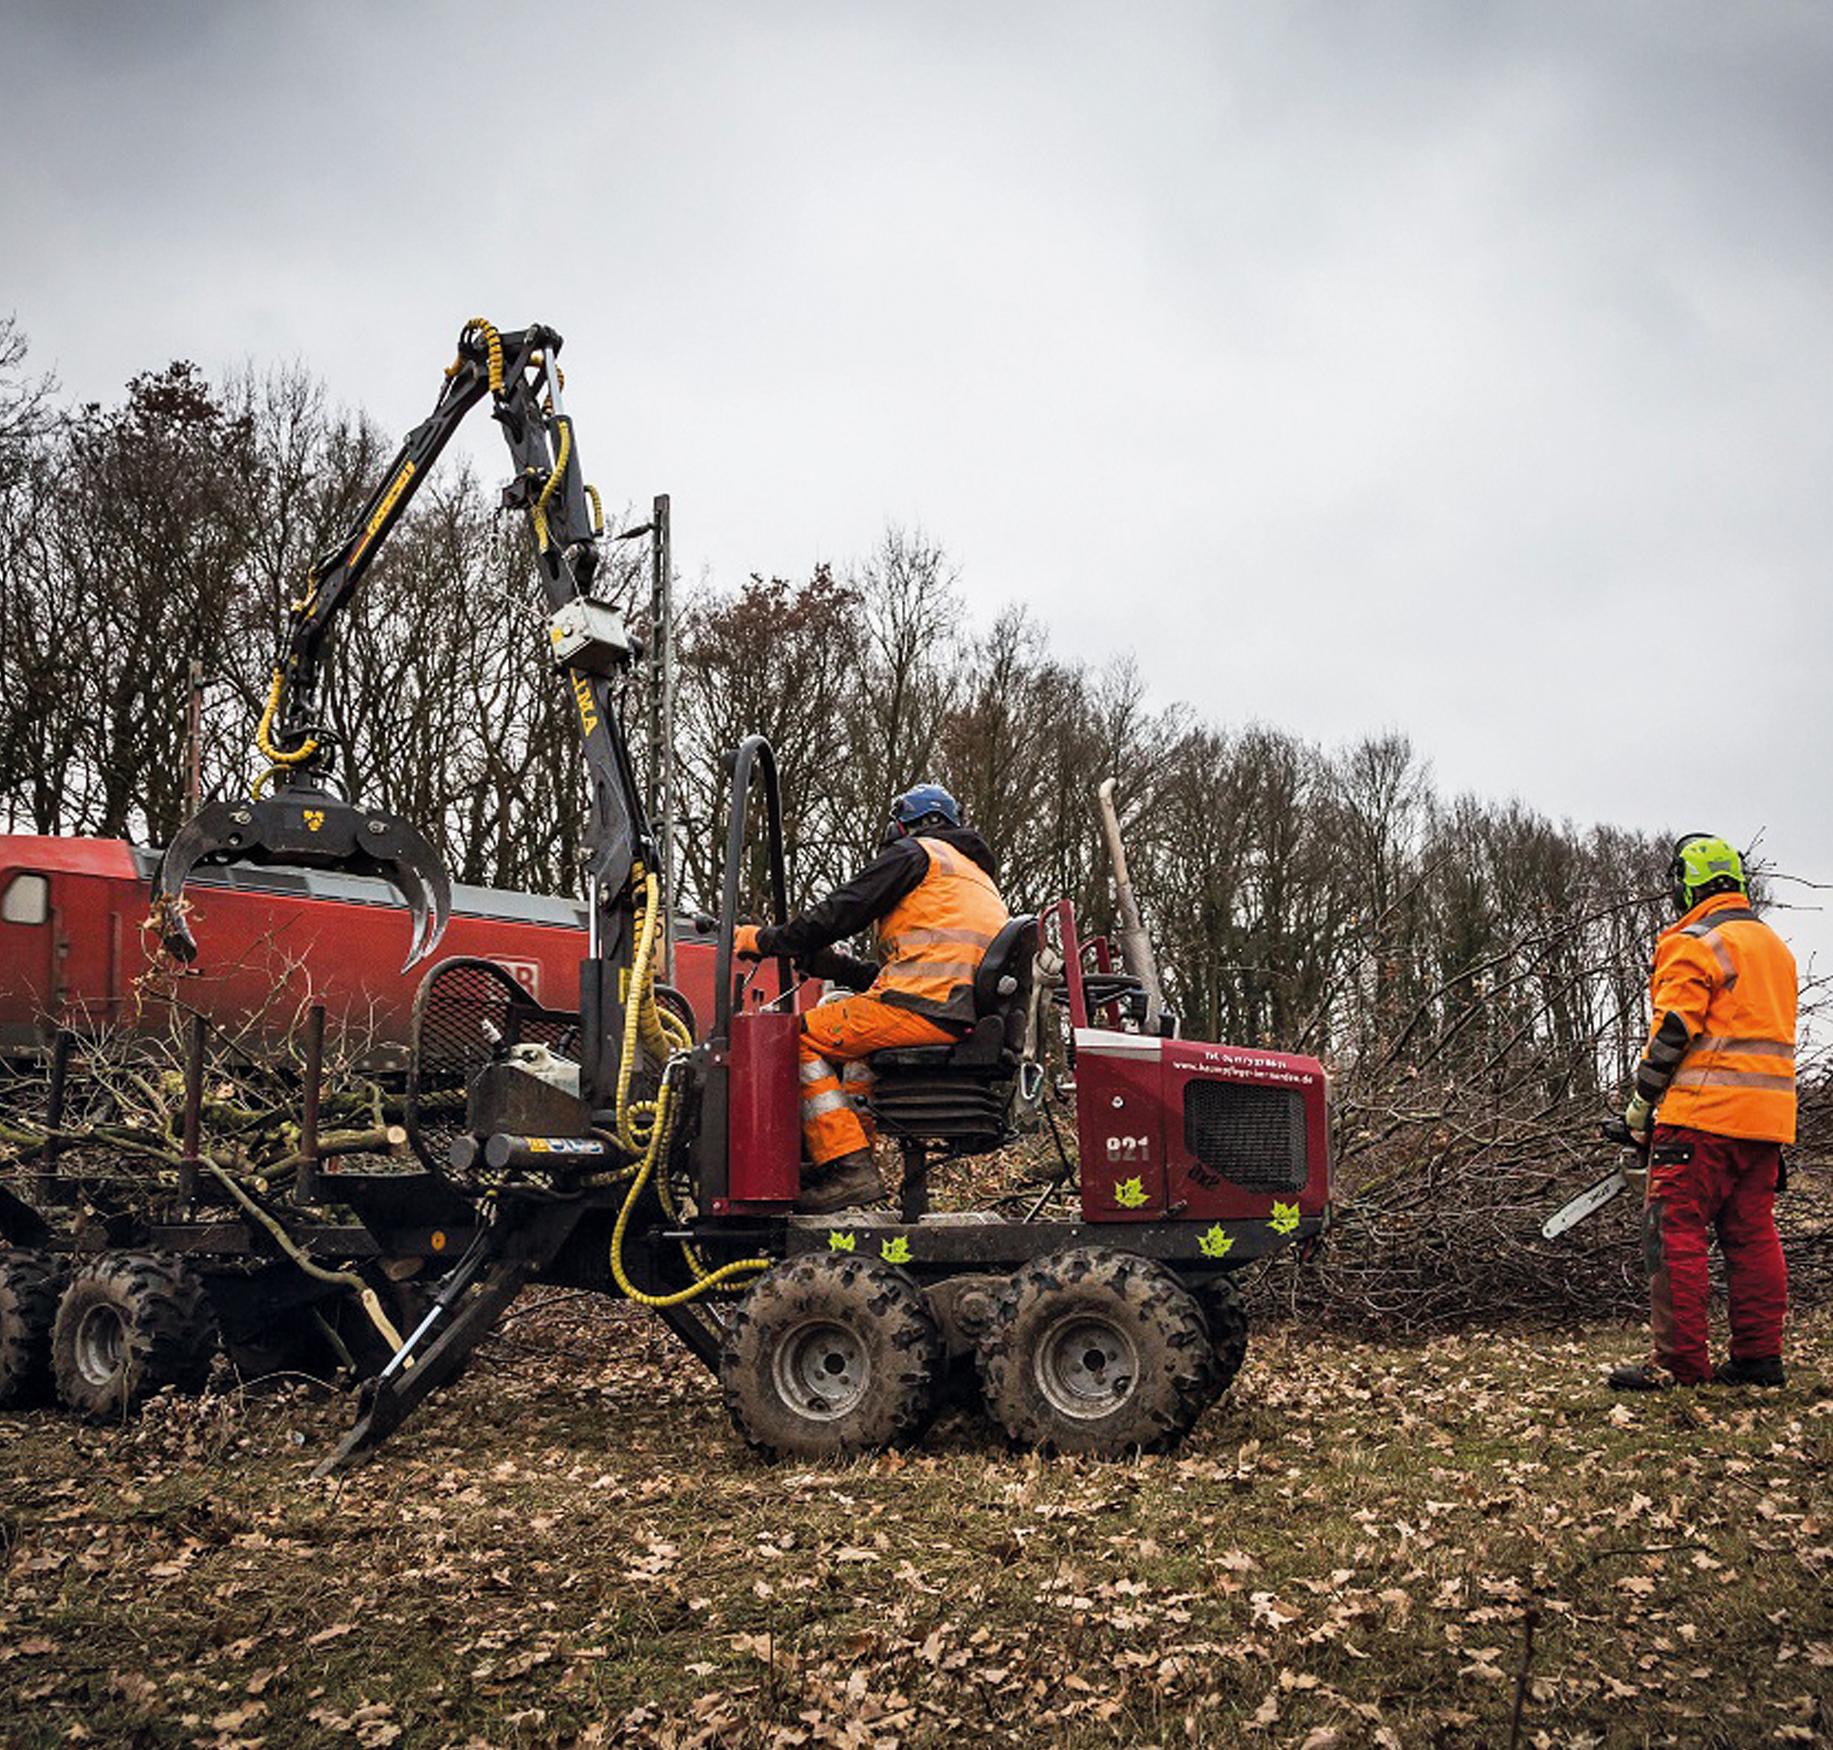 vegetationsmanagement bei der bahn: arbeiter beim zerlegen von gefällten bäumen